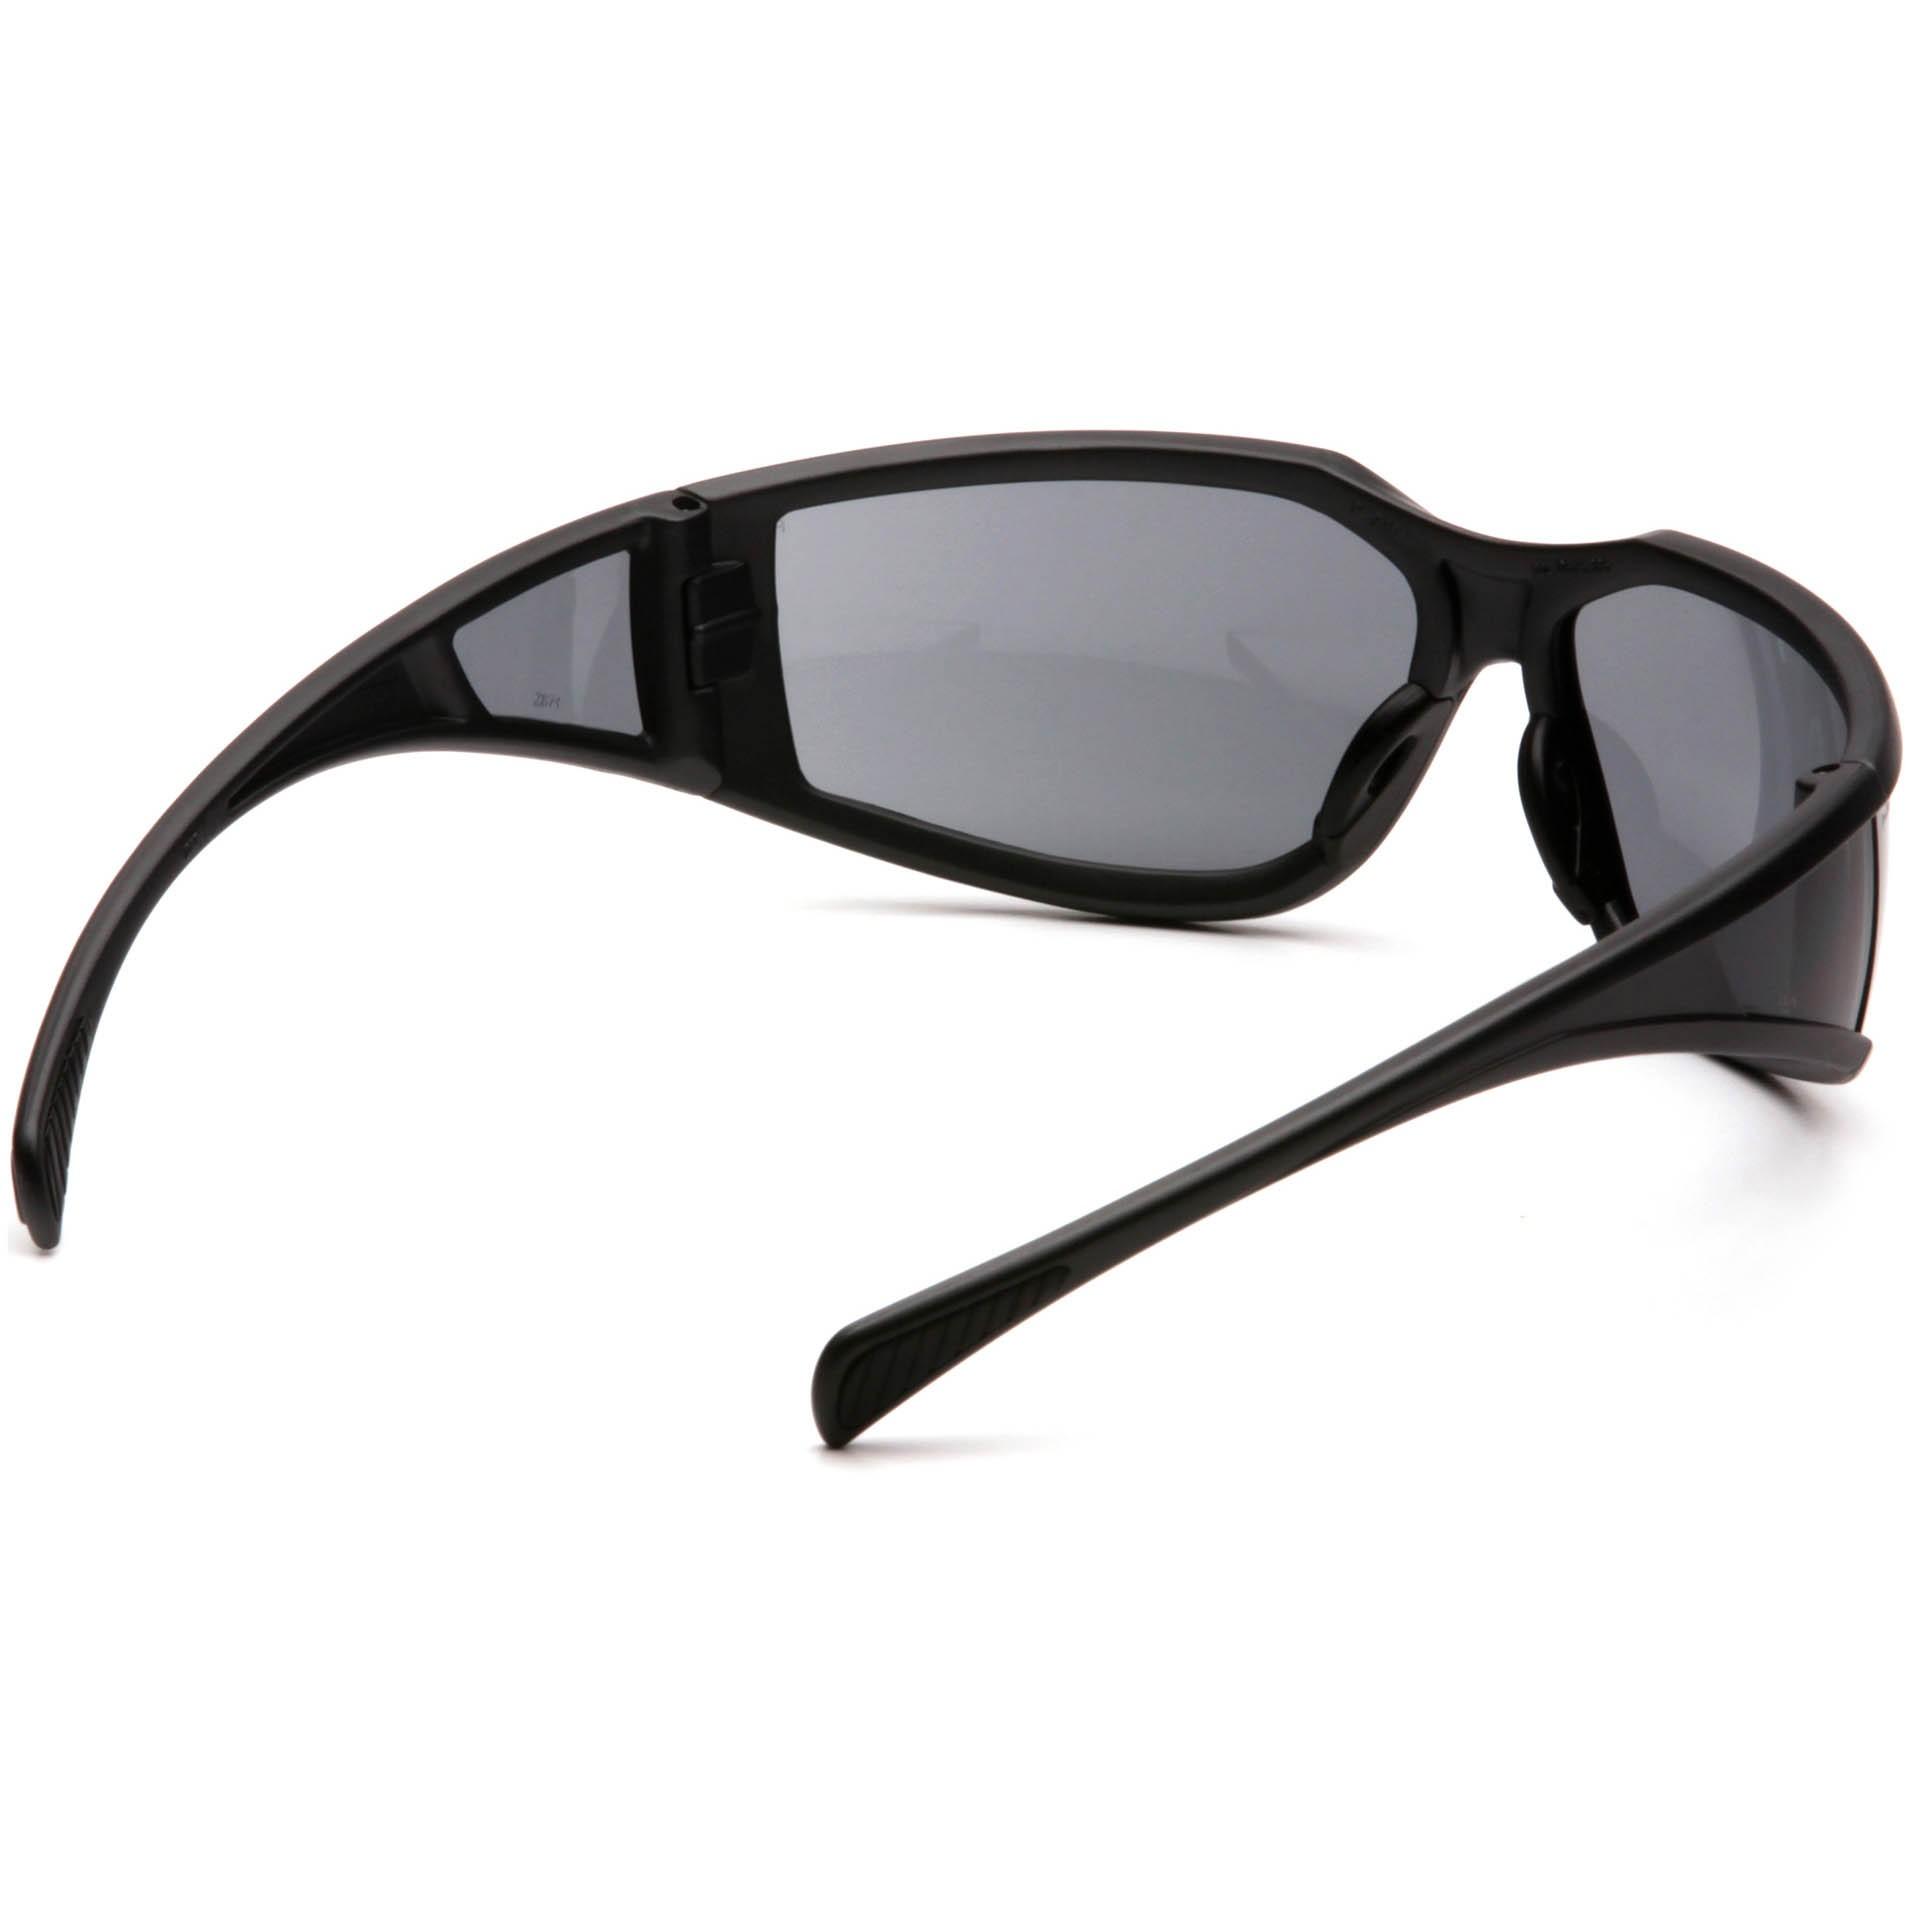 Glasses Gray Frame : Pyramex Exeter Safety Glasses - Gray Frame - Gray Anti-Fog ...